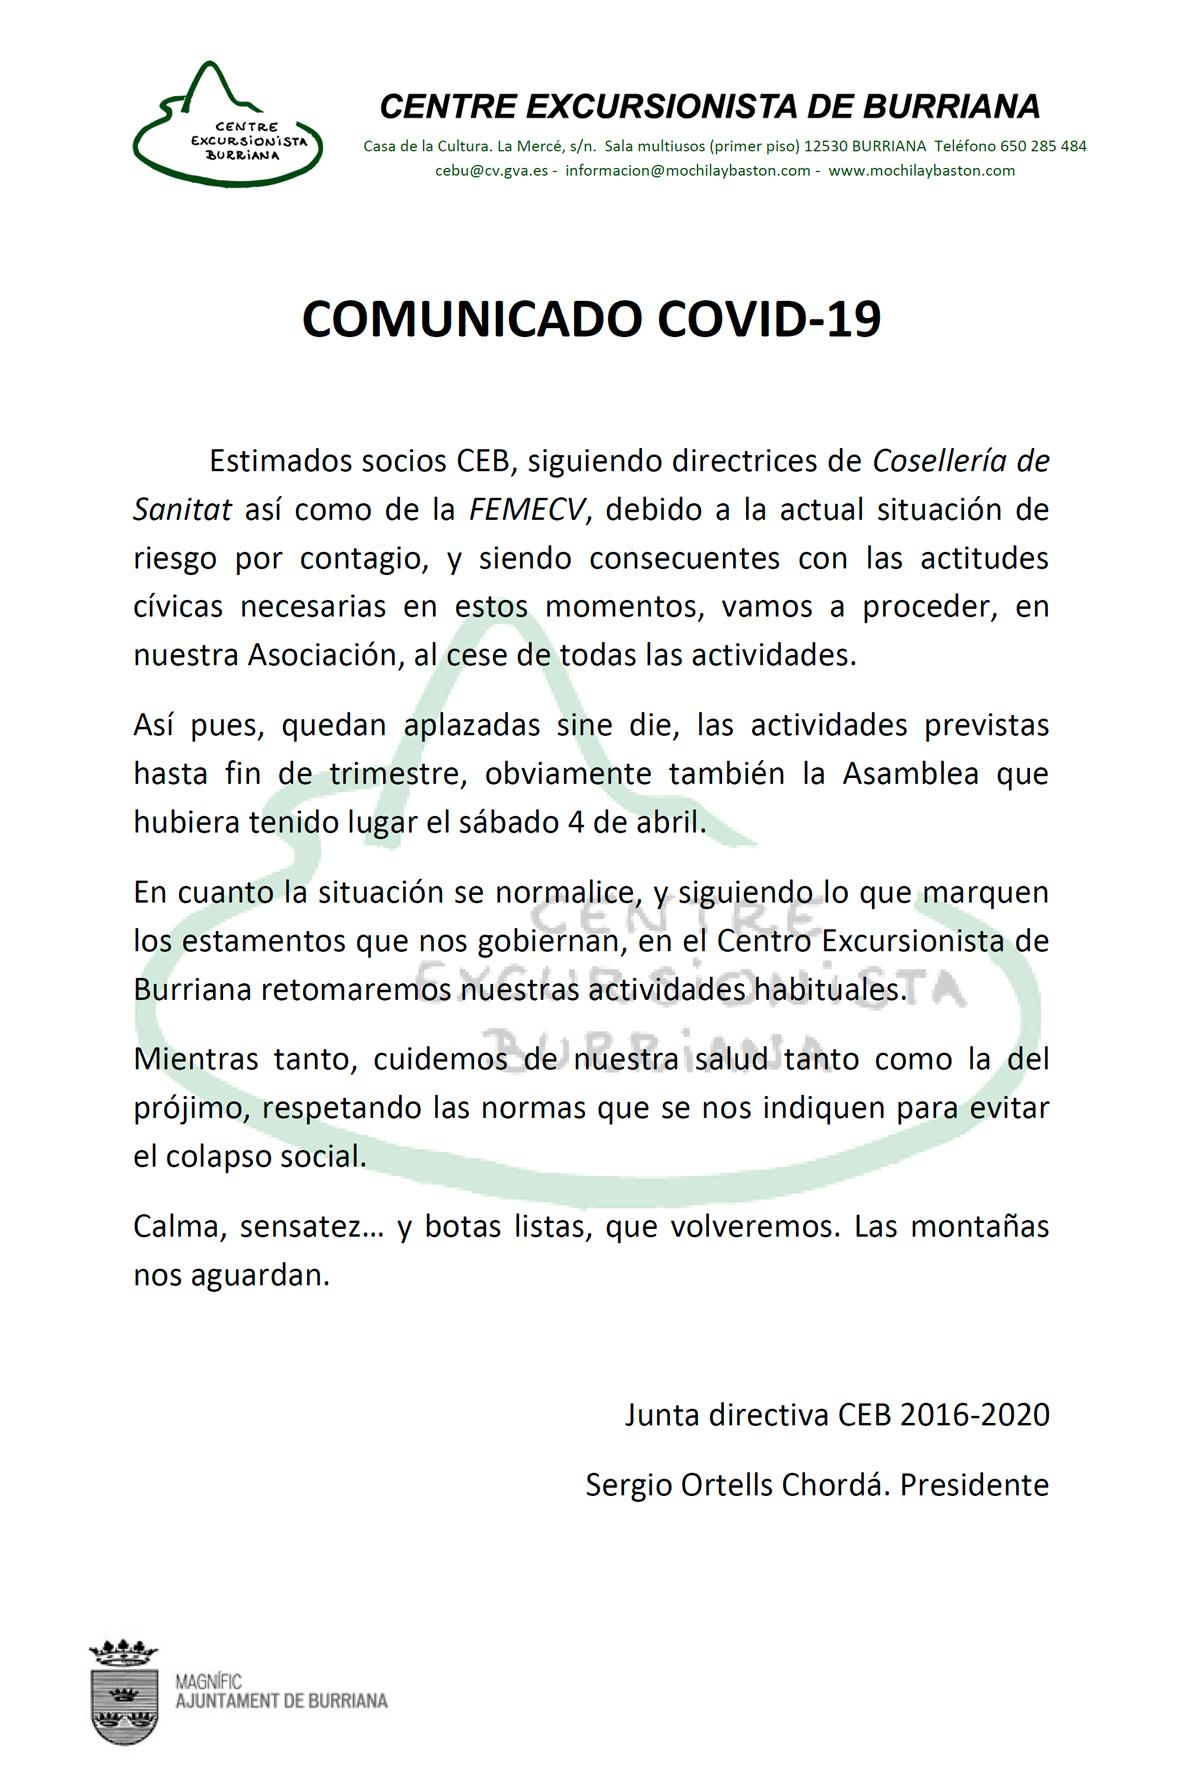 Comunicado_COVID-19_web